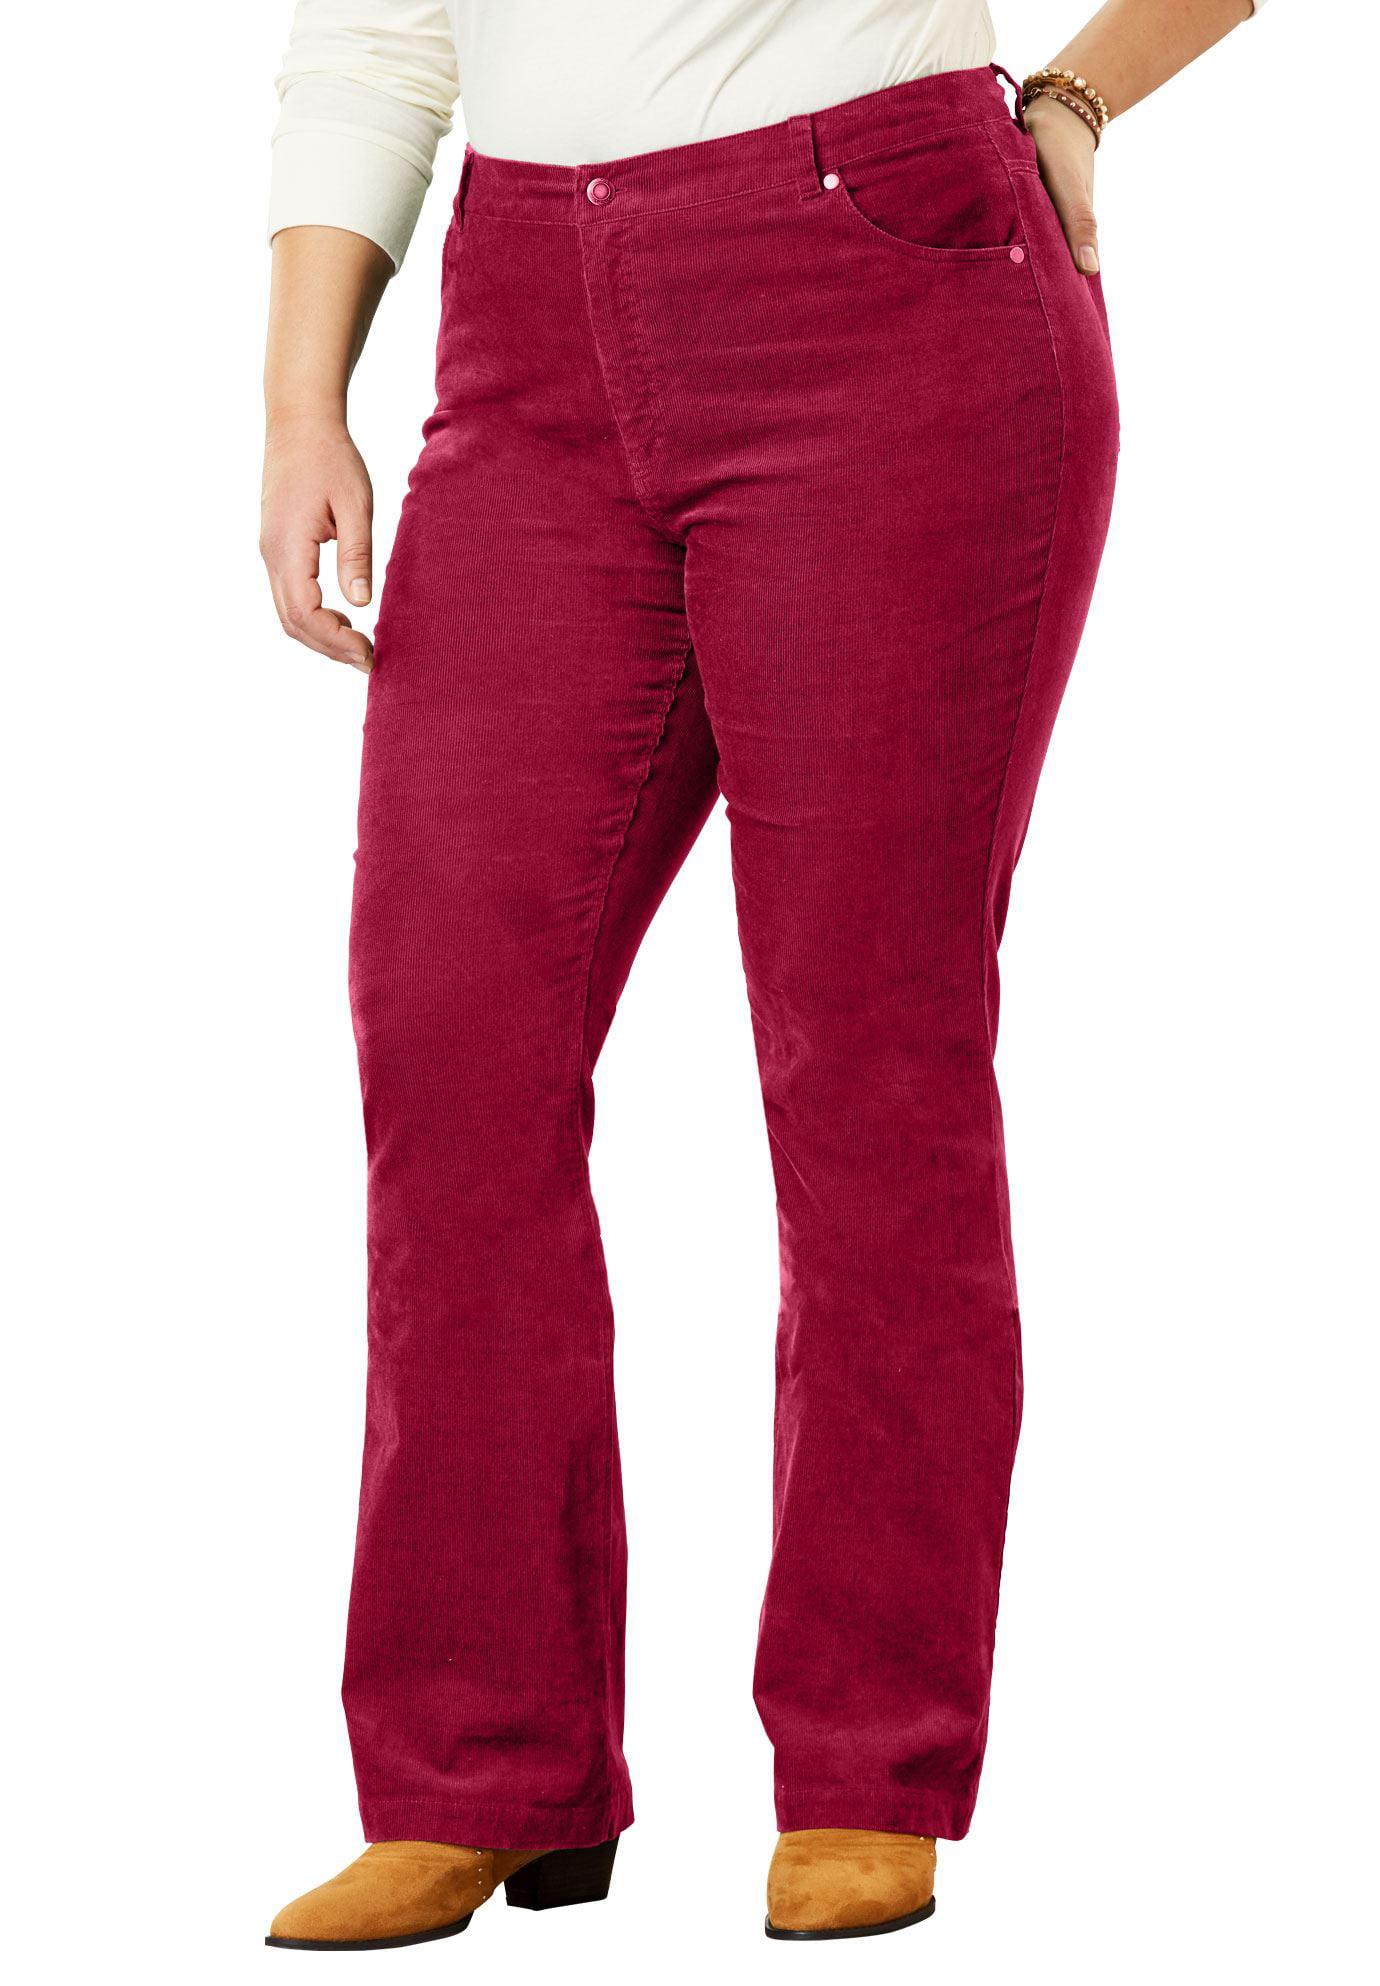 Plus Size Tall Stretch Corduroy Bootcut Jean